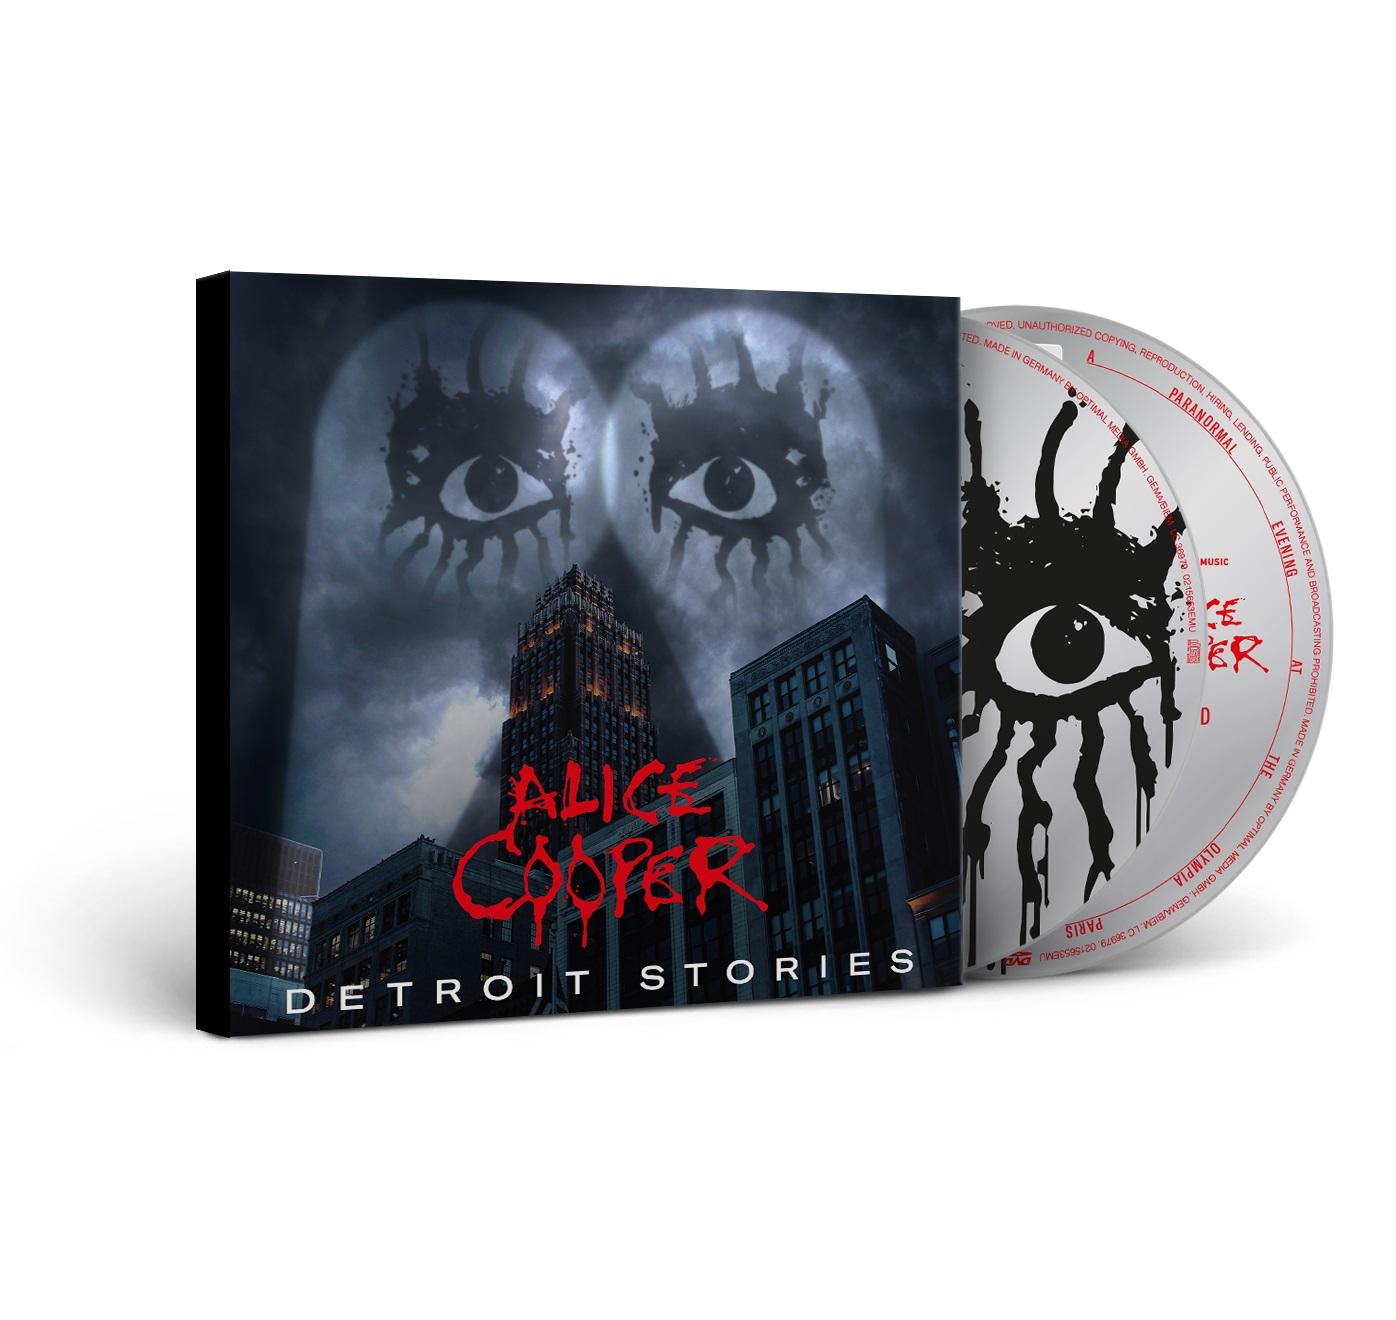 Detroit Stories - Alice Cooper - Musik -  - 4029759156536 - February 26, 2021